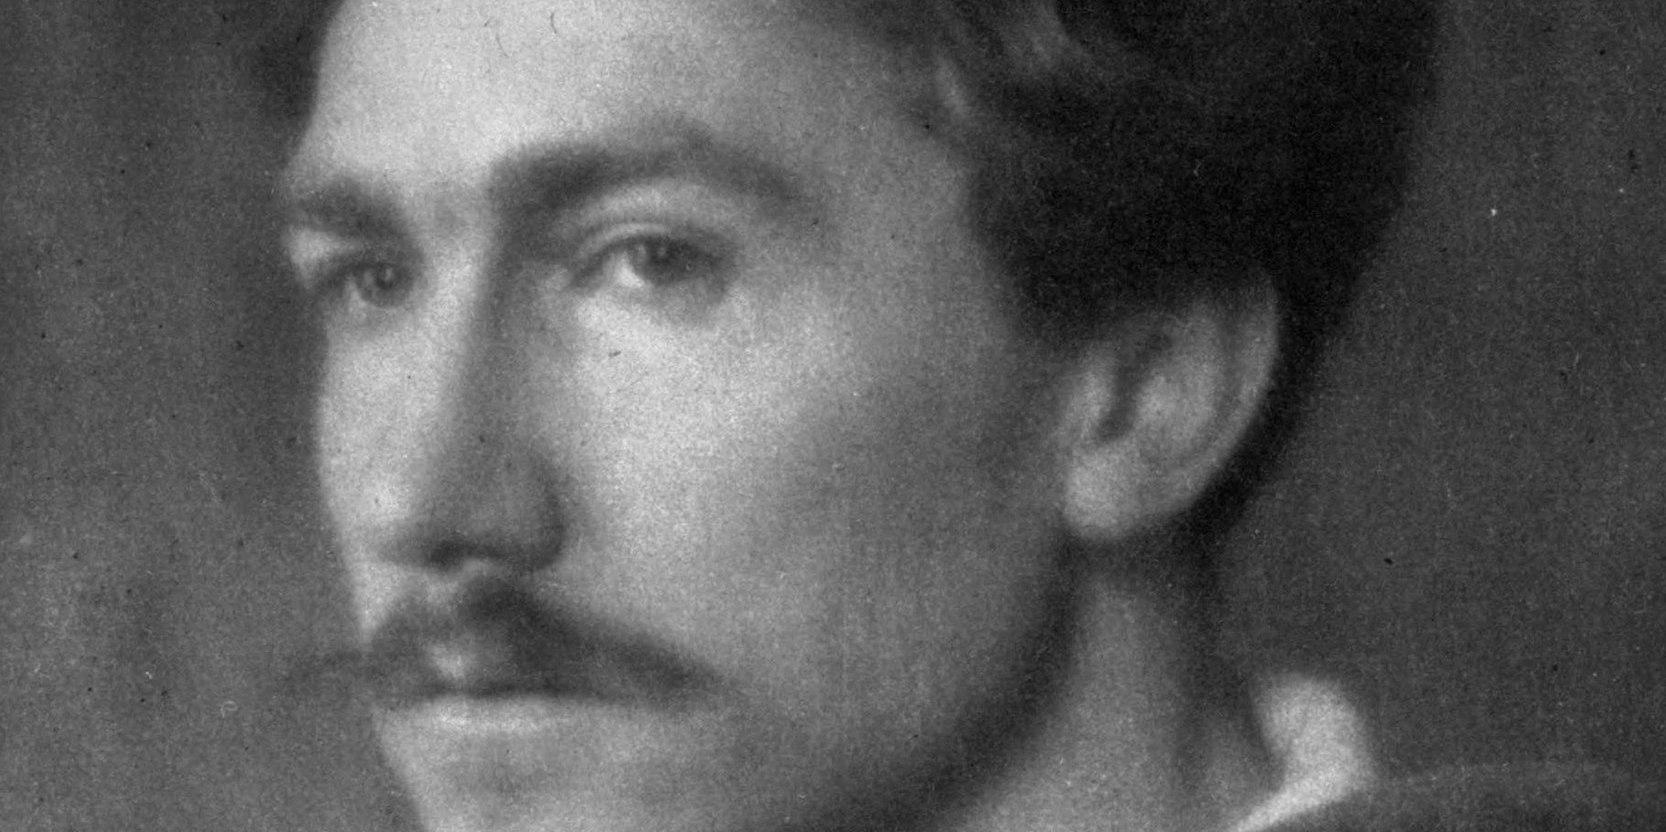 Lyriikan uudistajan vankilarunot: Pisan Cantot on loistava opas Ezra Poundin tuotantoon ja elämään